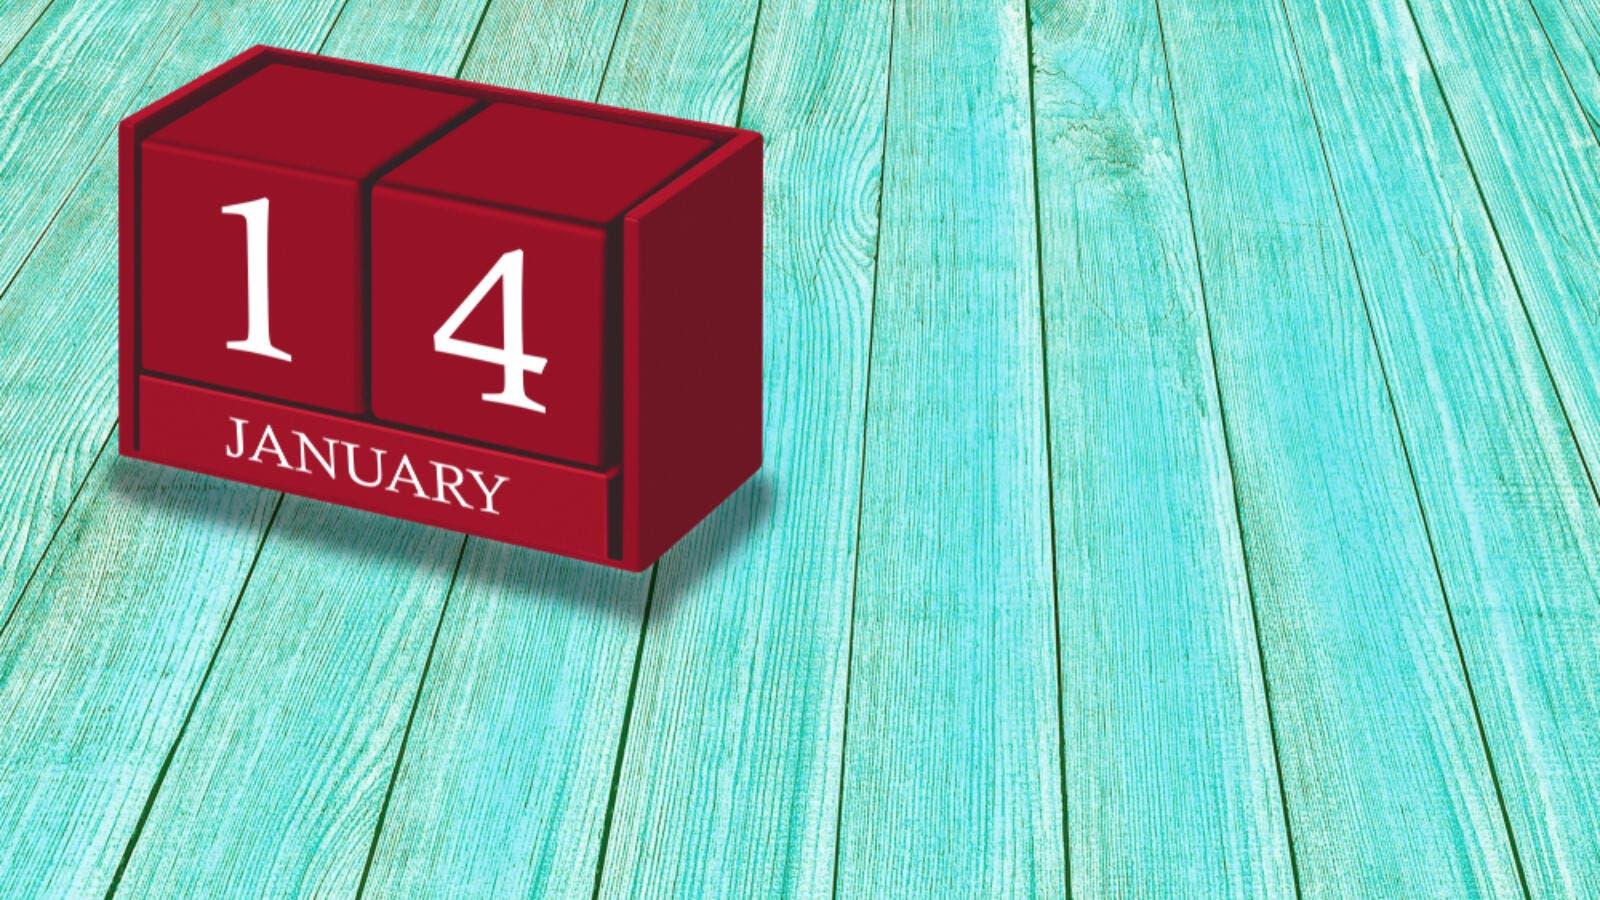 توقعات الأبراج الثلاثاء 14 يناير/كانون الثاني 2020